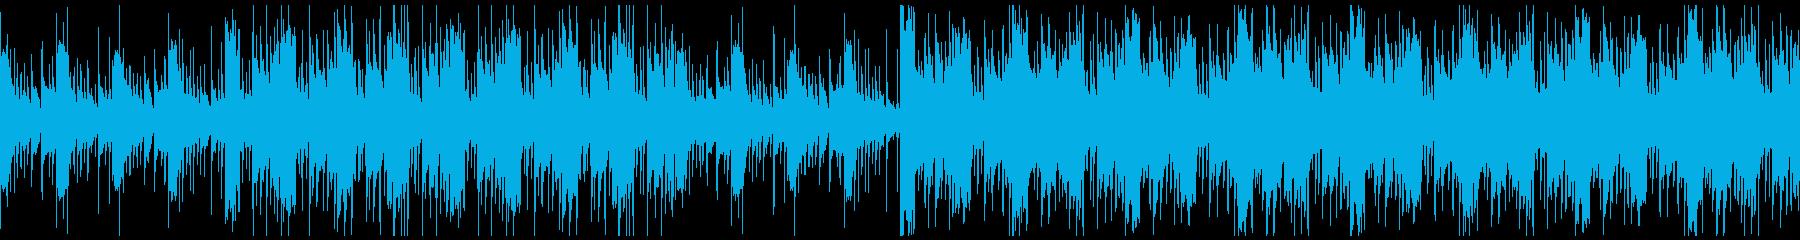 幻想的で民族音楽テイストのアコギBGMの再生済みの波形